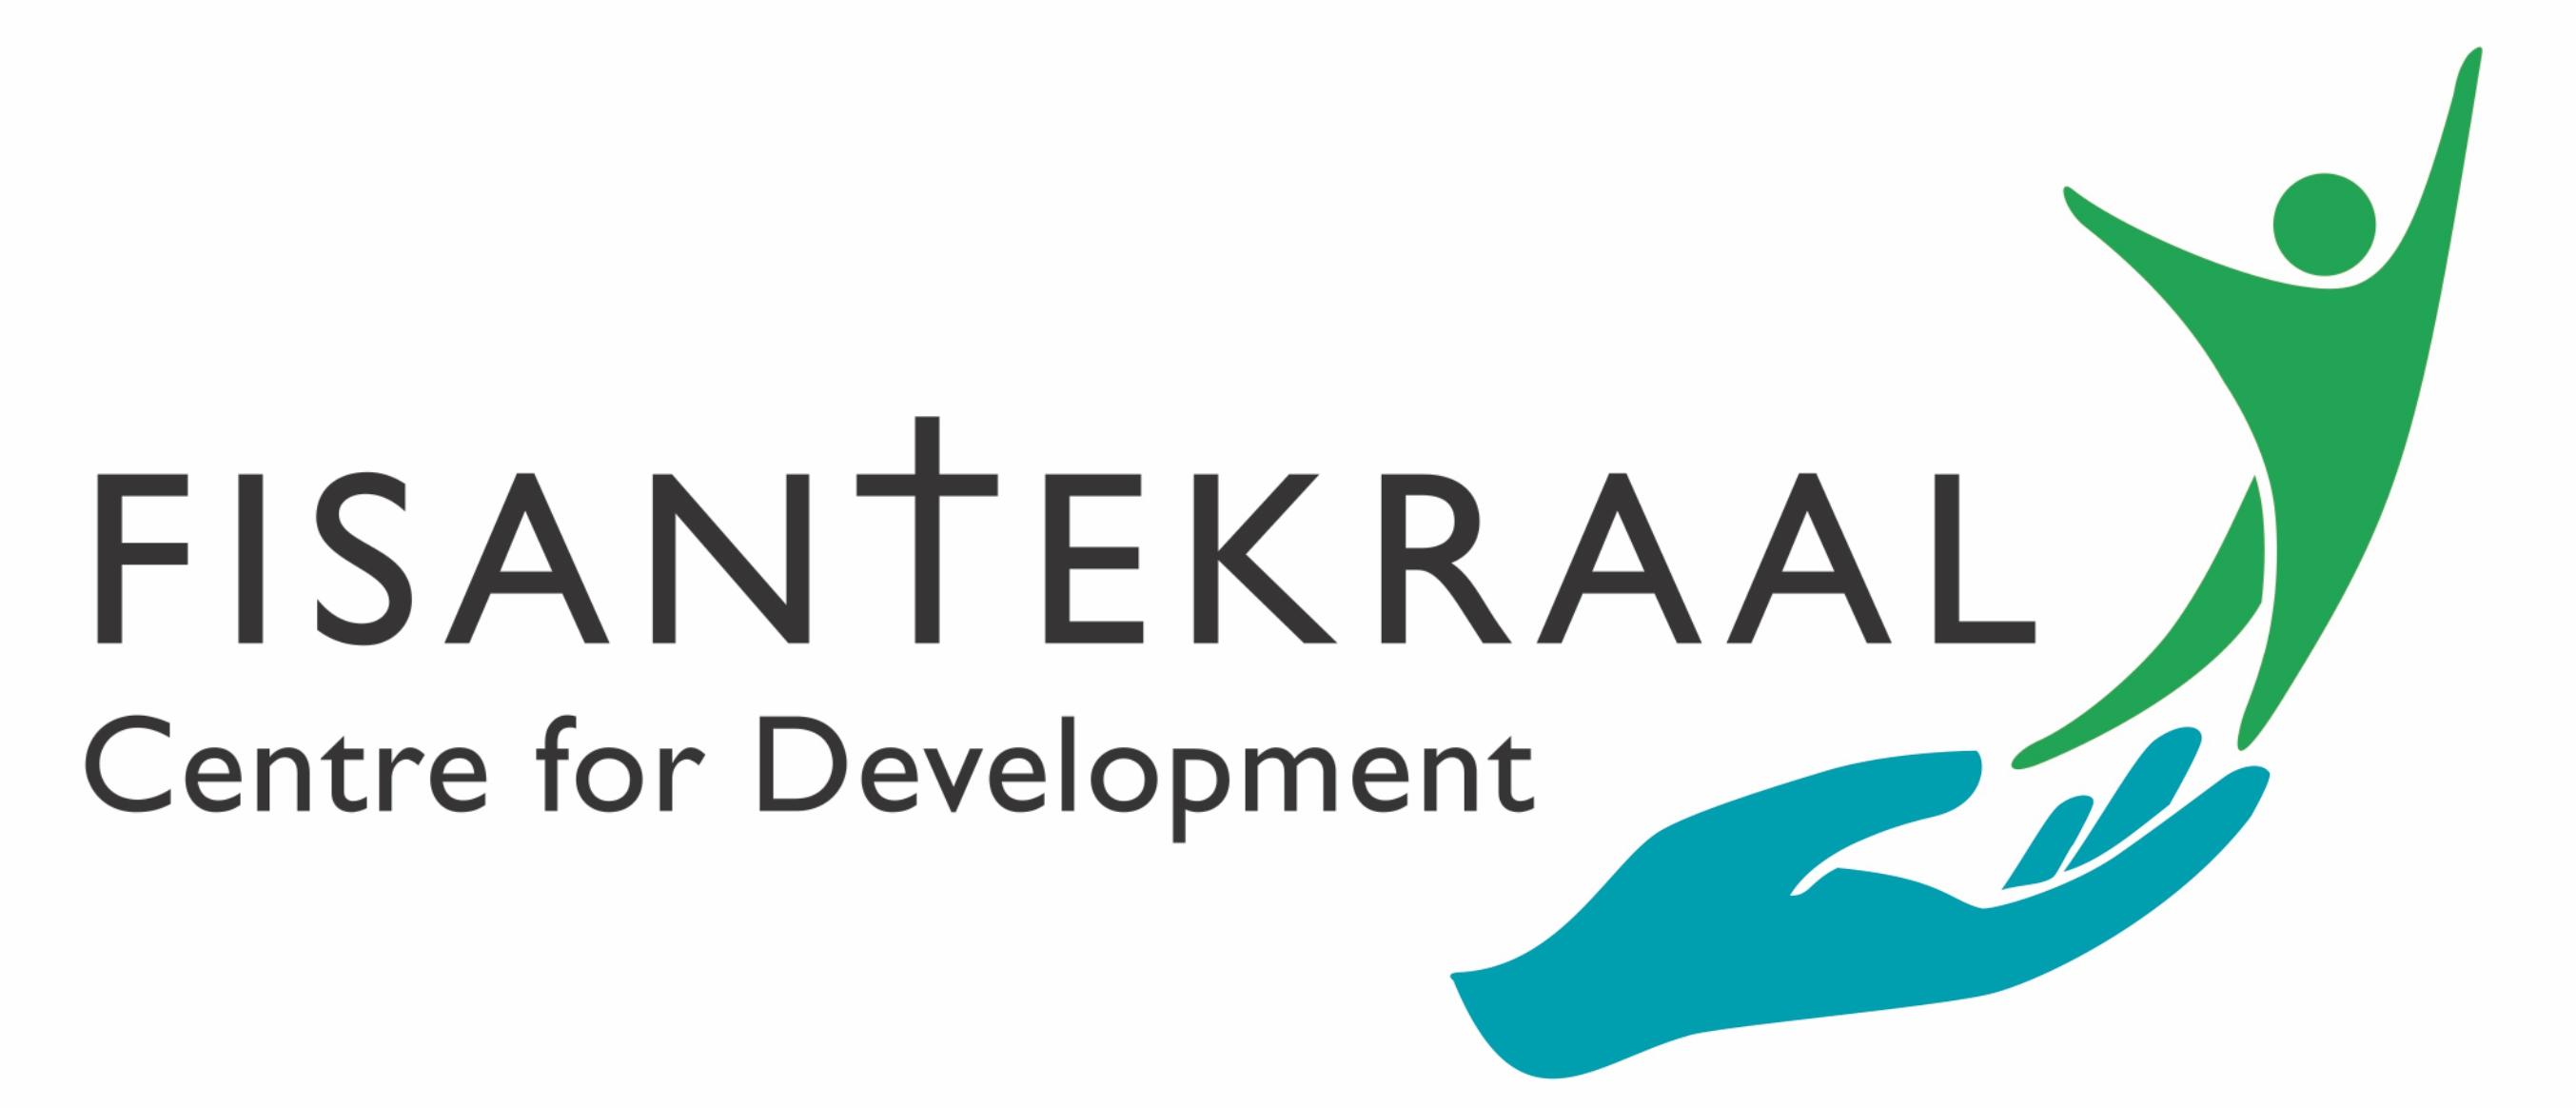 Fisantekraal Center For Development